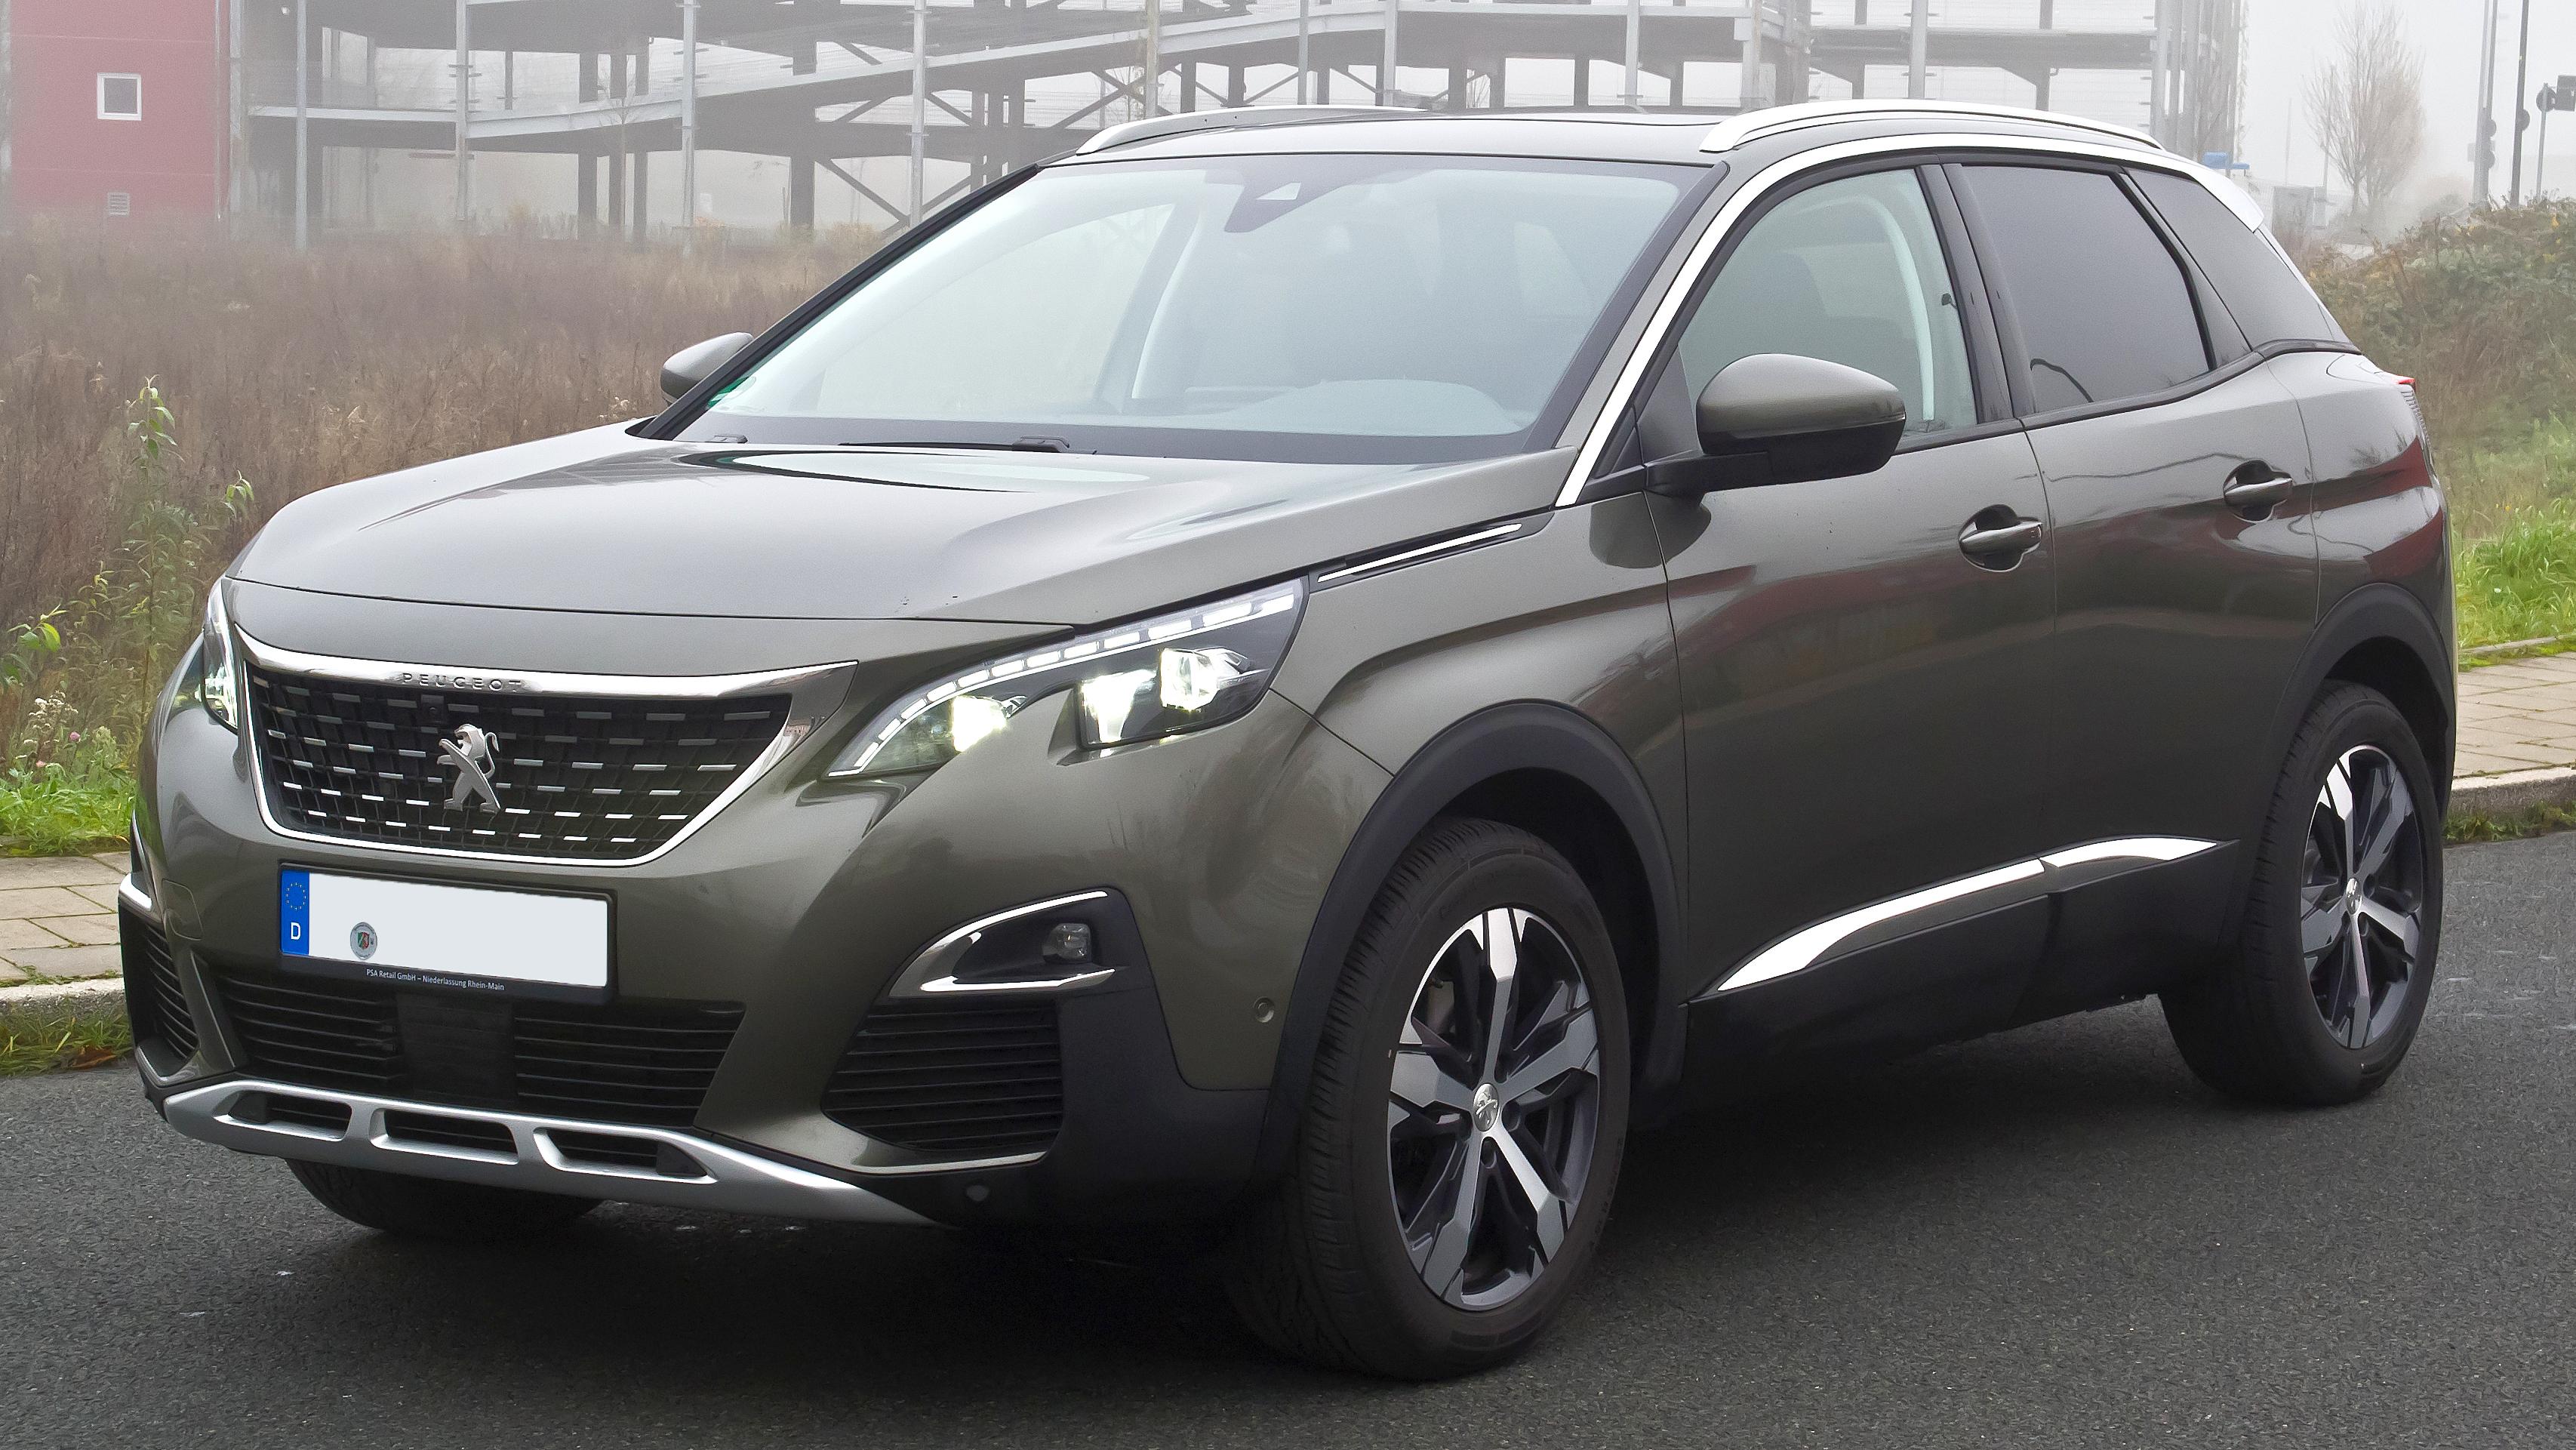 Peugeot 3008 Wikipedia